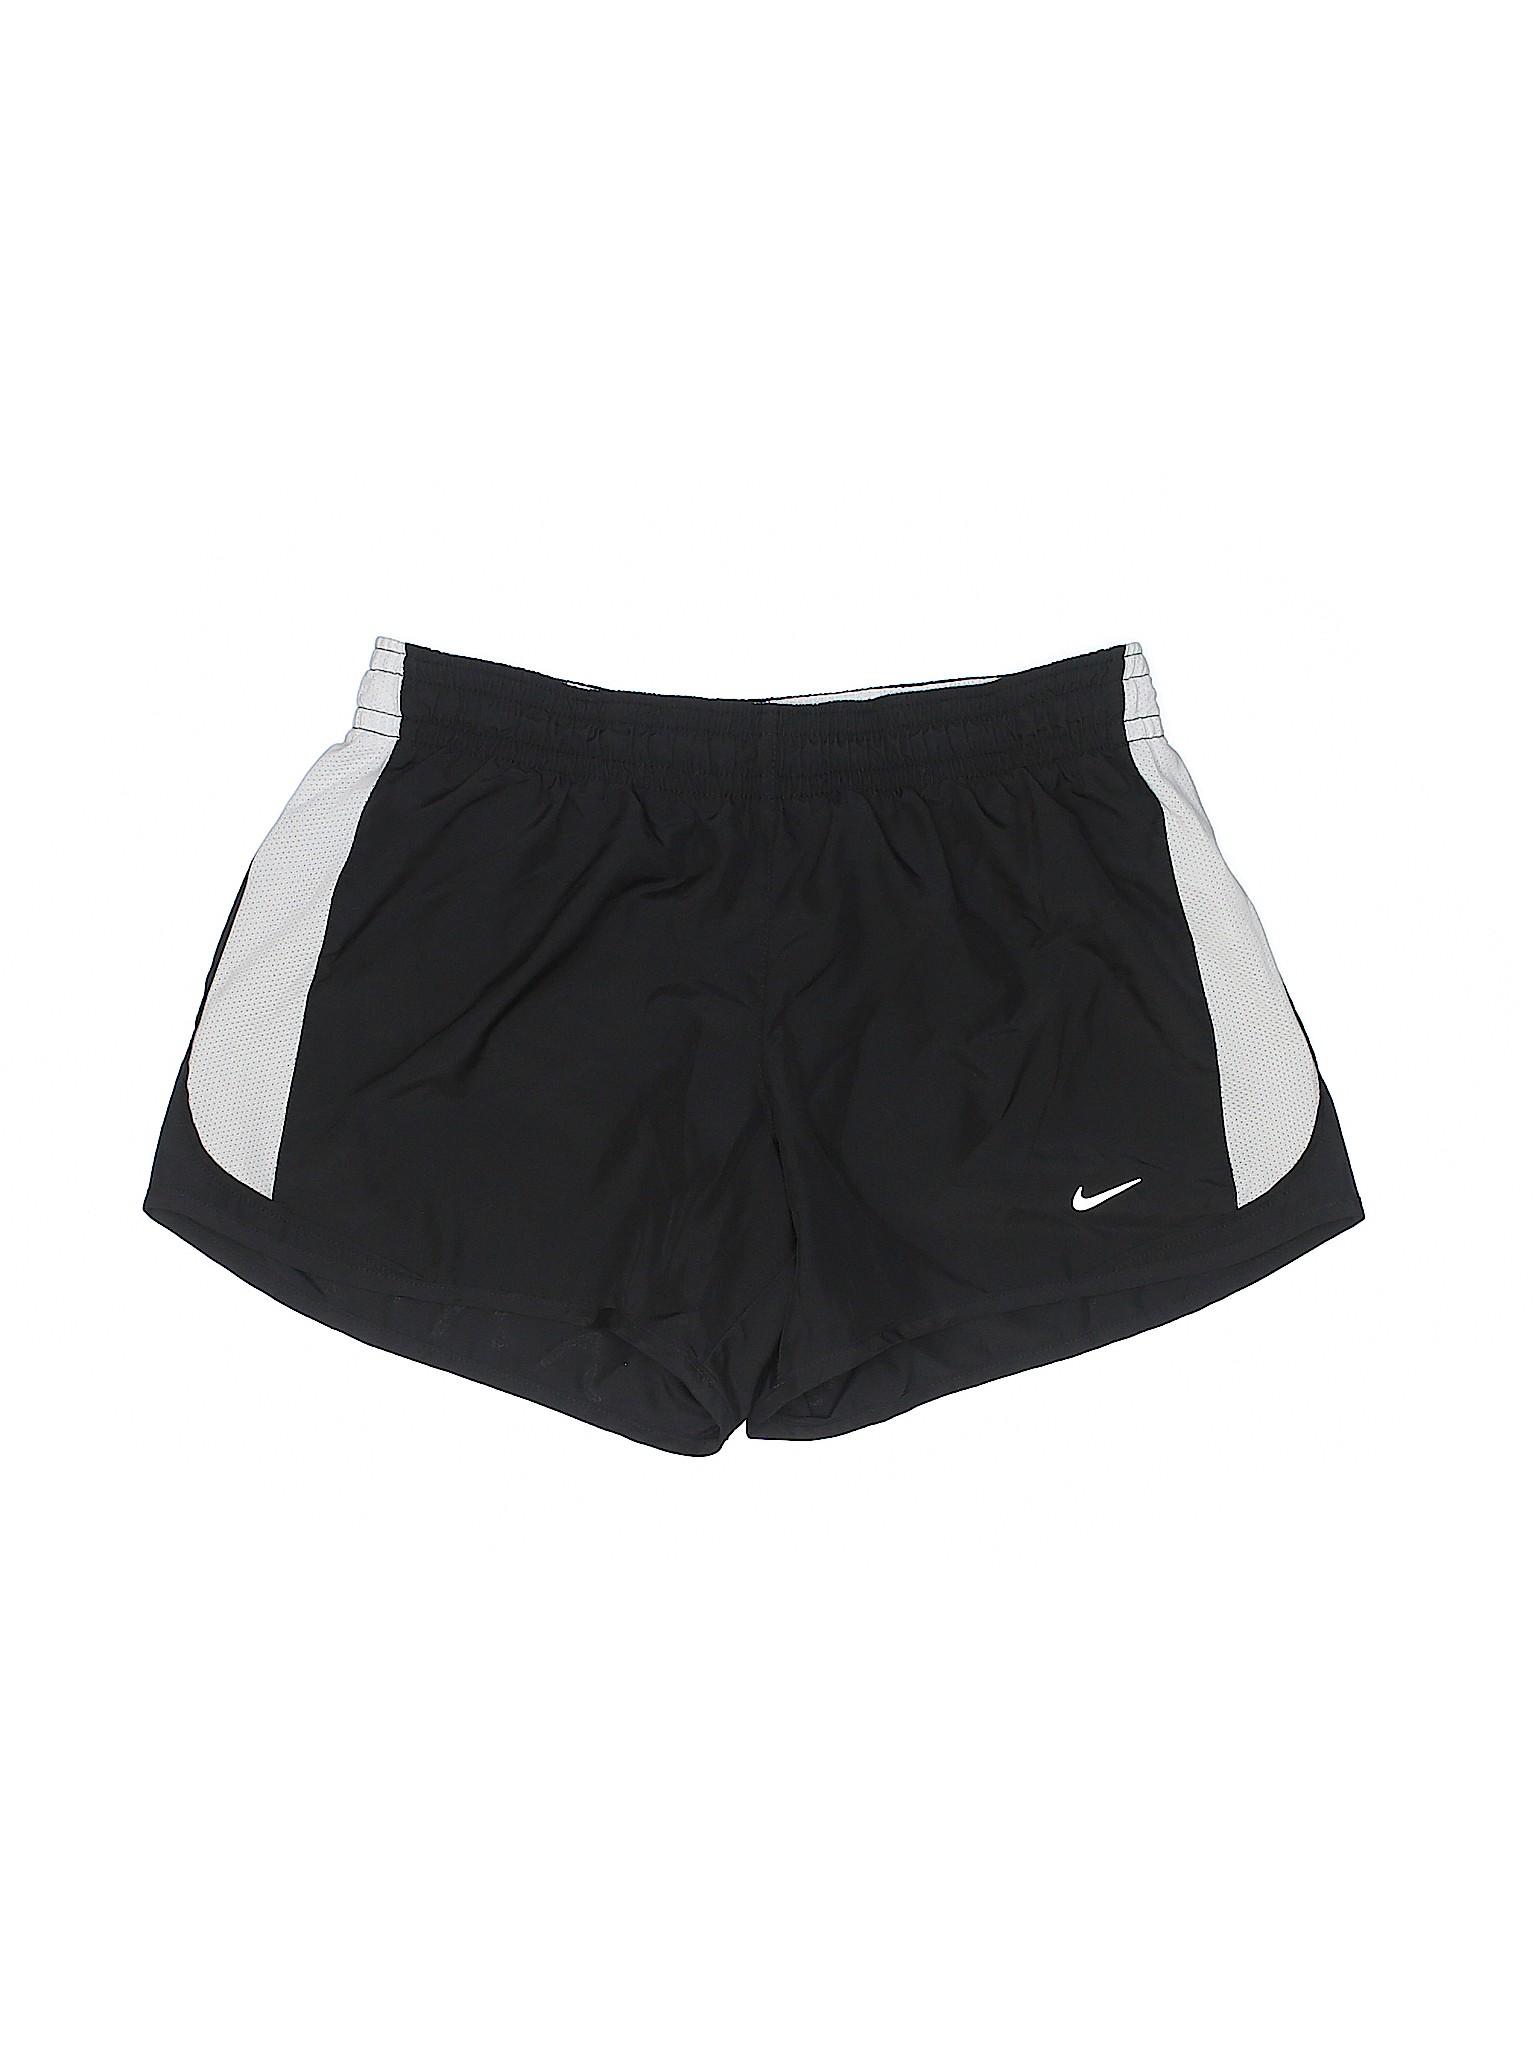 Boutique Shorts Boutique Athletic Nike Nike 5qOpTxFz